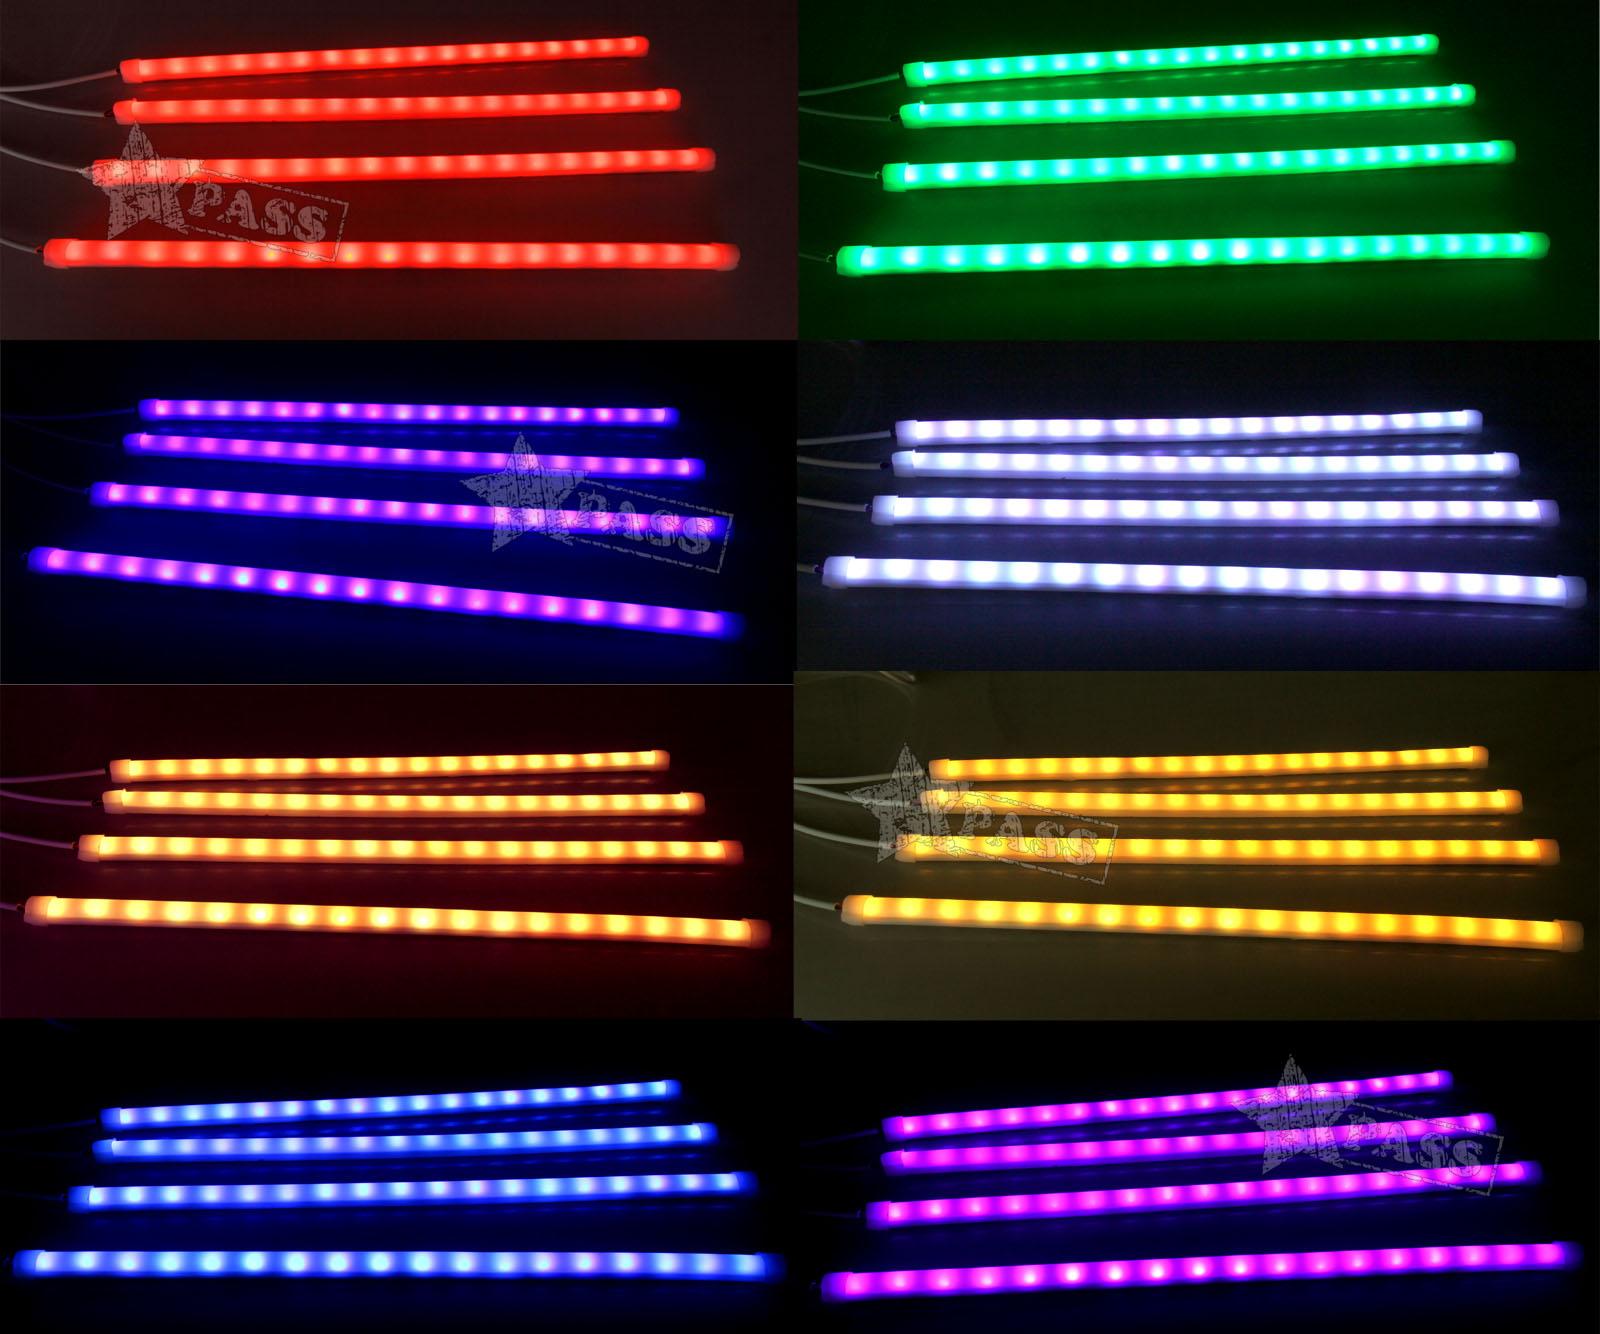 12v led car rgb interior light strips atmosphere wireless - Automotive interior led light strips ...